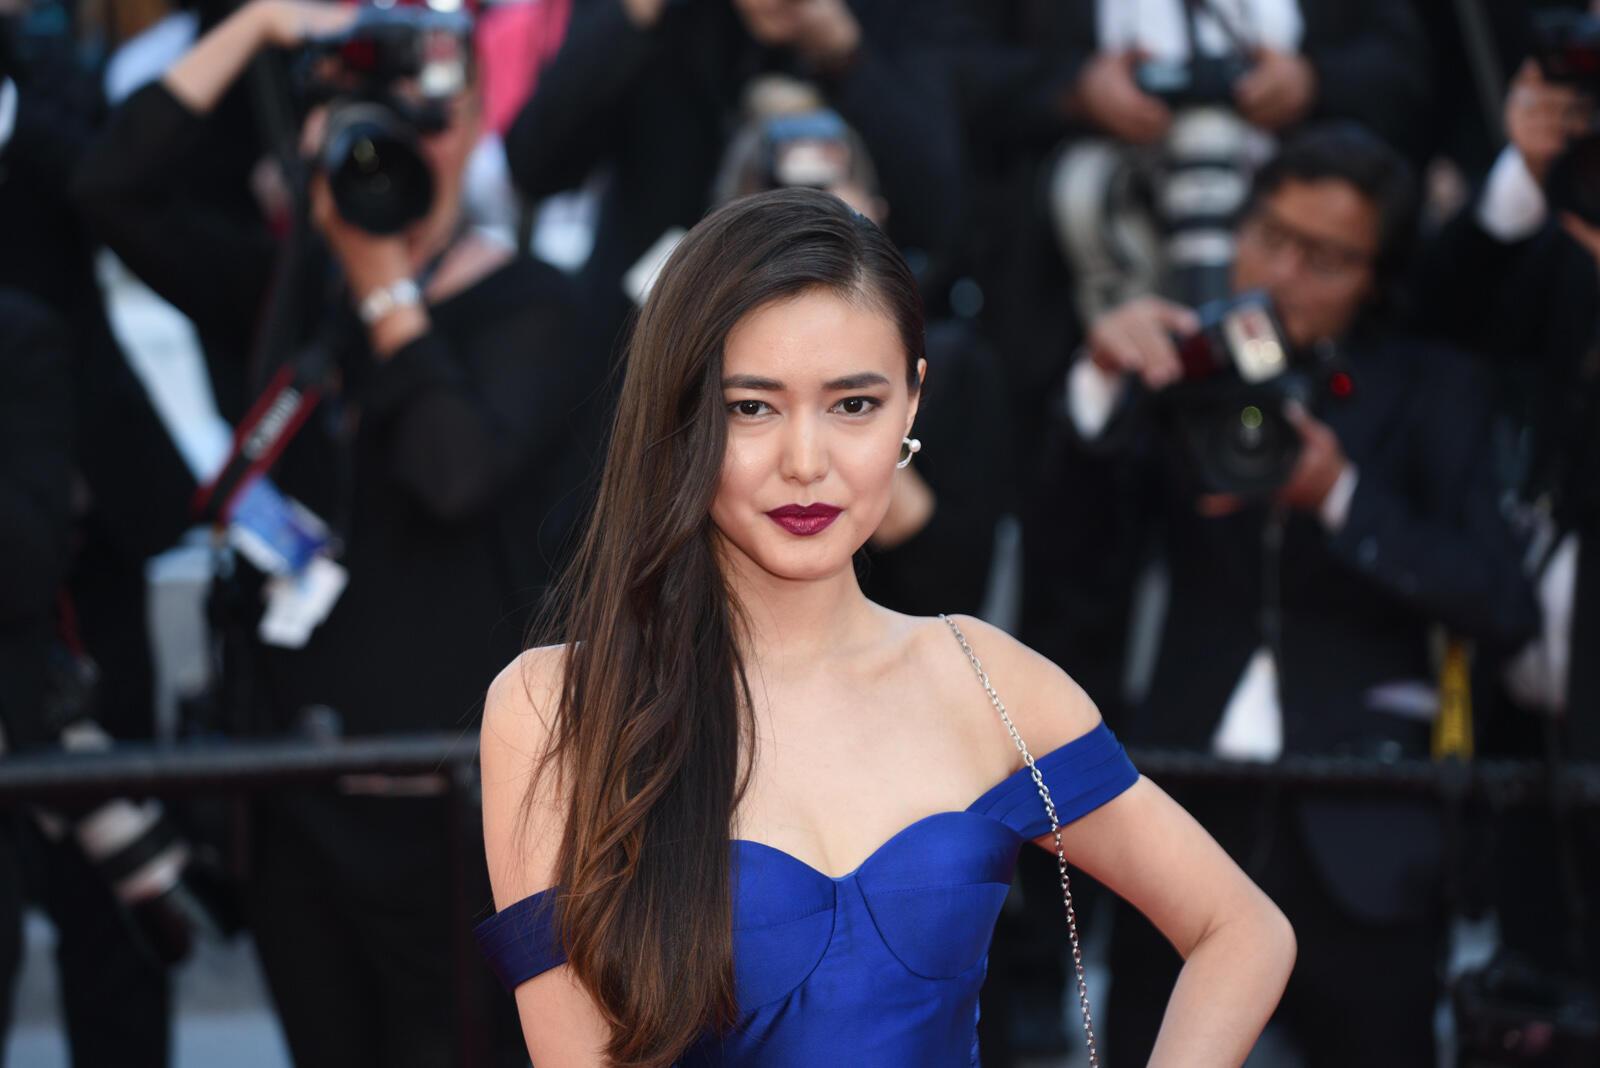 La actriz kazaja Dinara Baktybaeva está en Cannes para presentar su última película 'La tendre indifférence du Monde', proyectada en la selección paralela 'Un certain regard'.